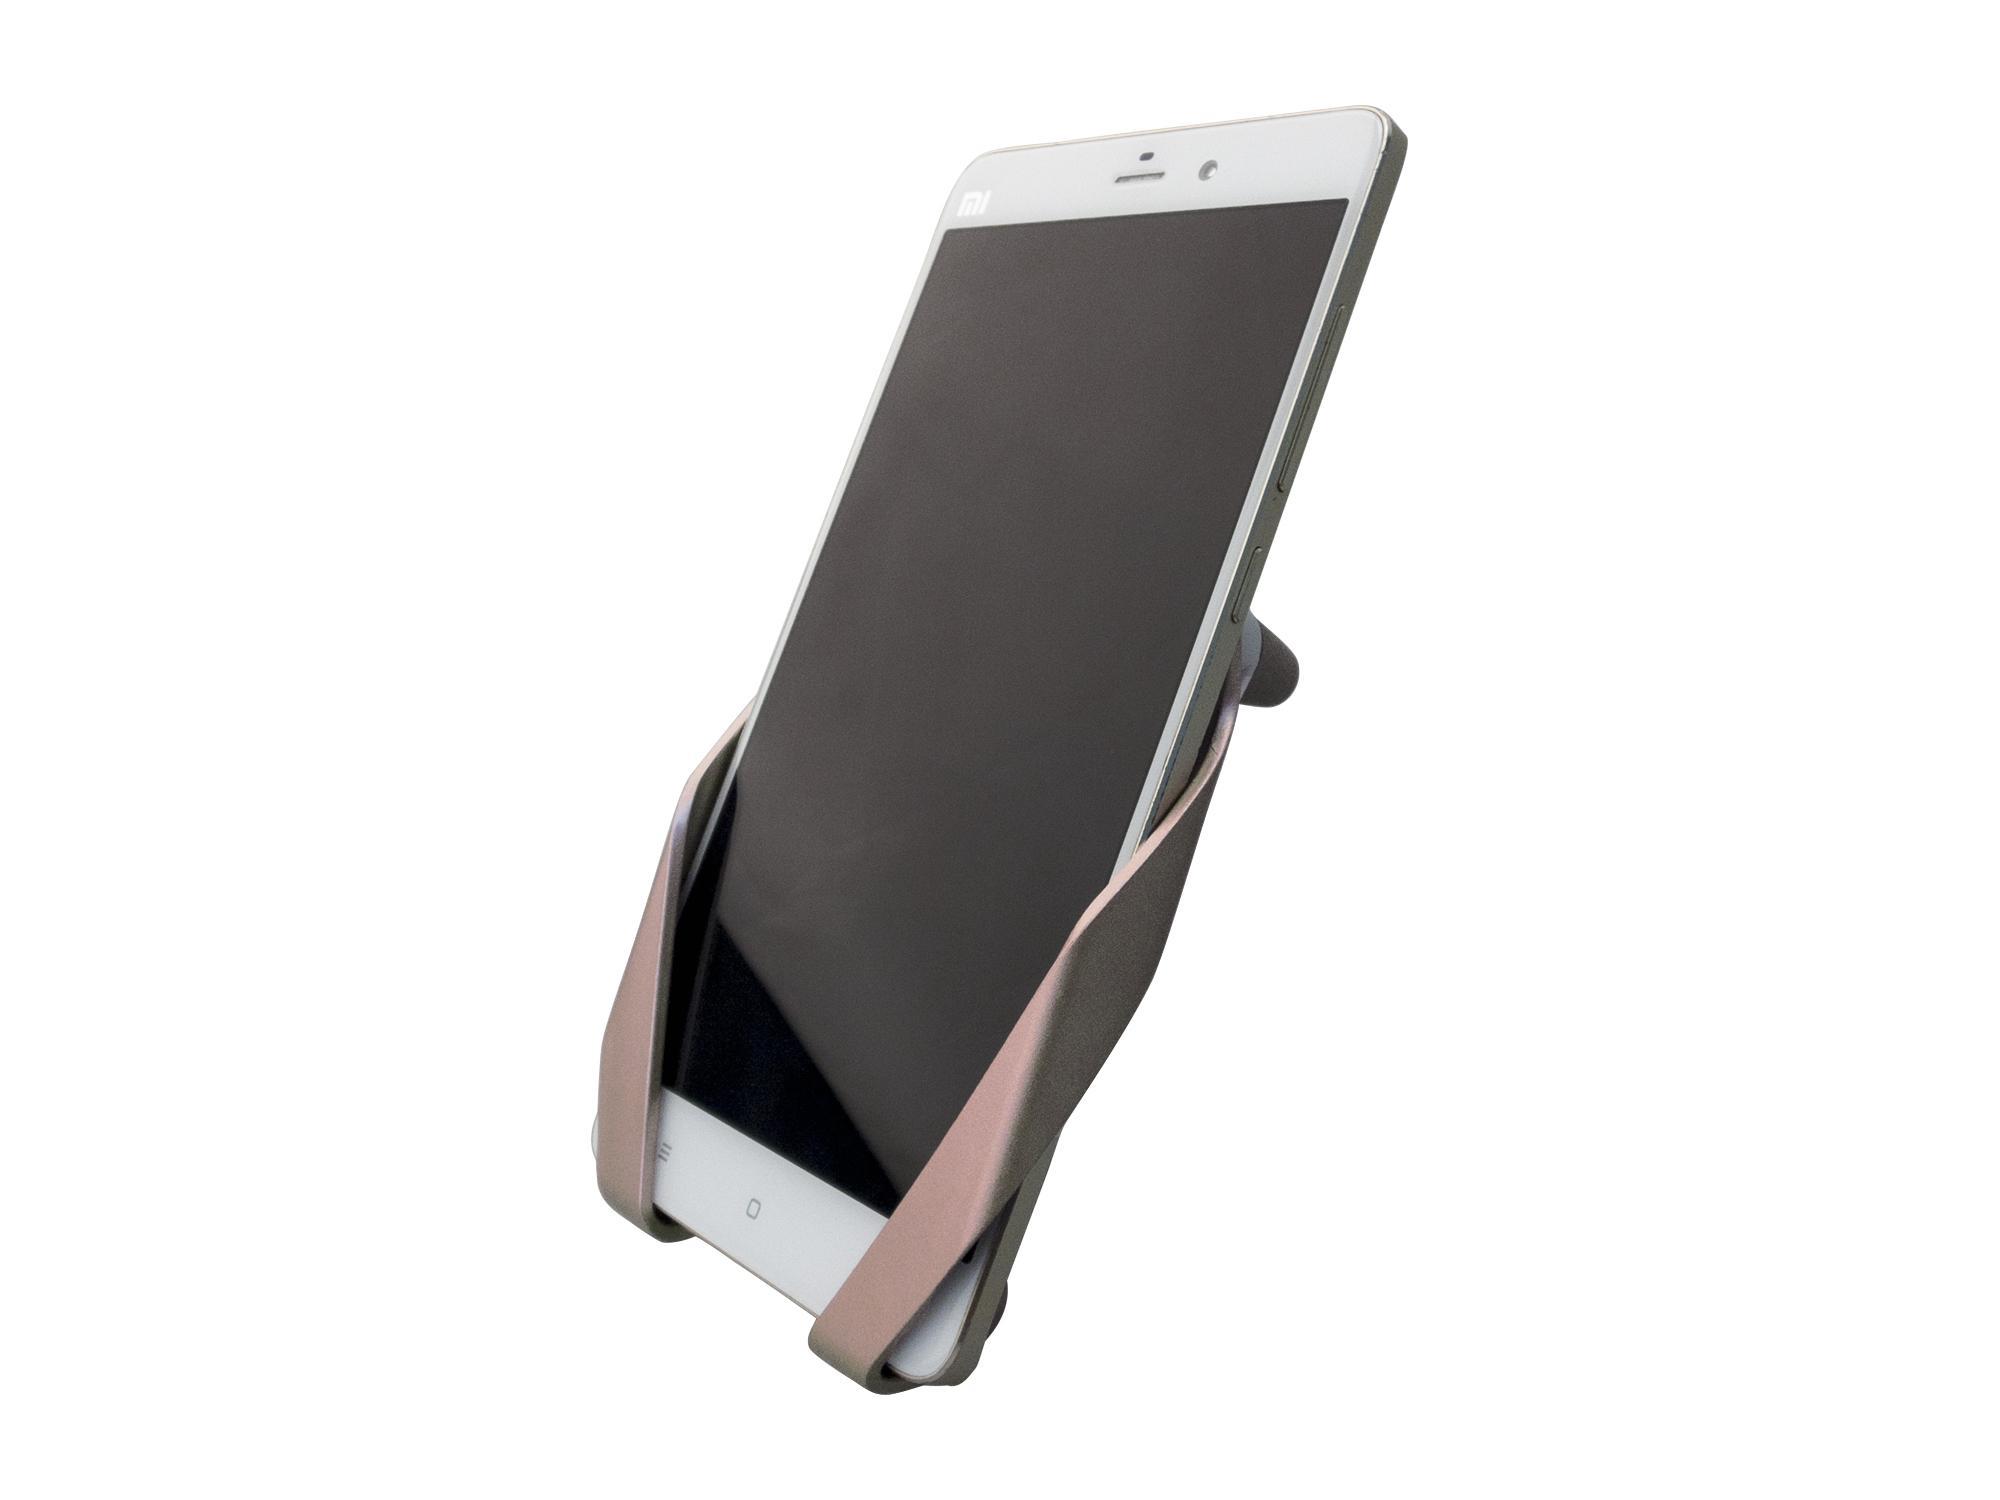 tutti i telefoni compatibili Marca e Sì Caricabatterie Ventosa supporto per telefono auto supporto sfiato aria vendor mount per iPhone6 7 Plus Samsung HTC con scatola al dettaglio